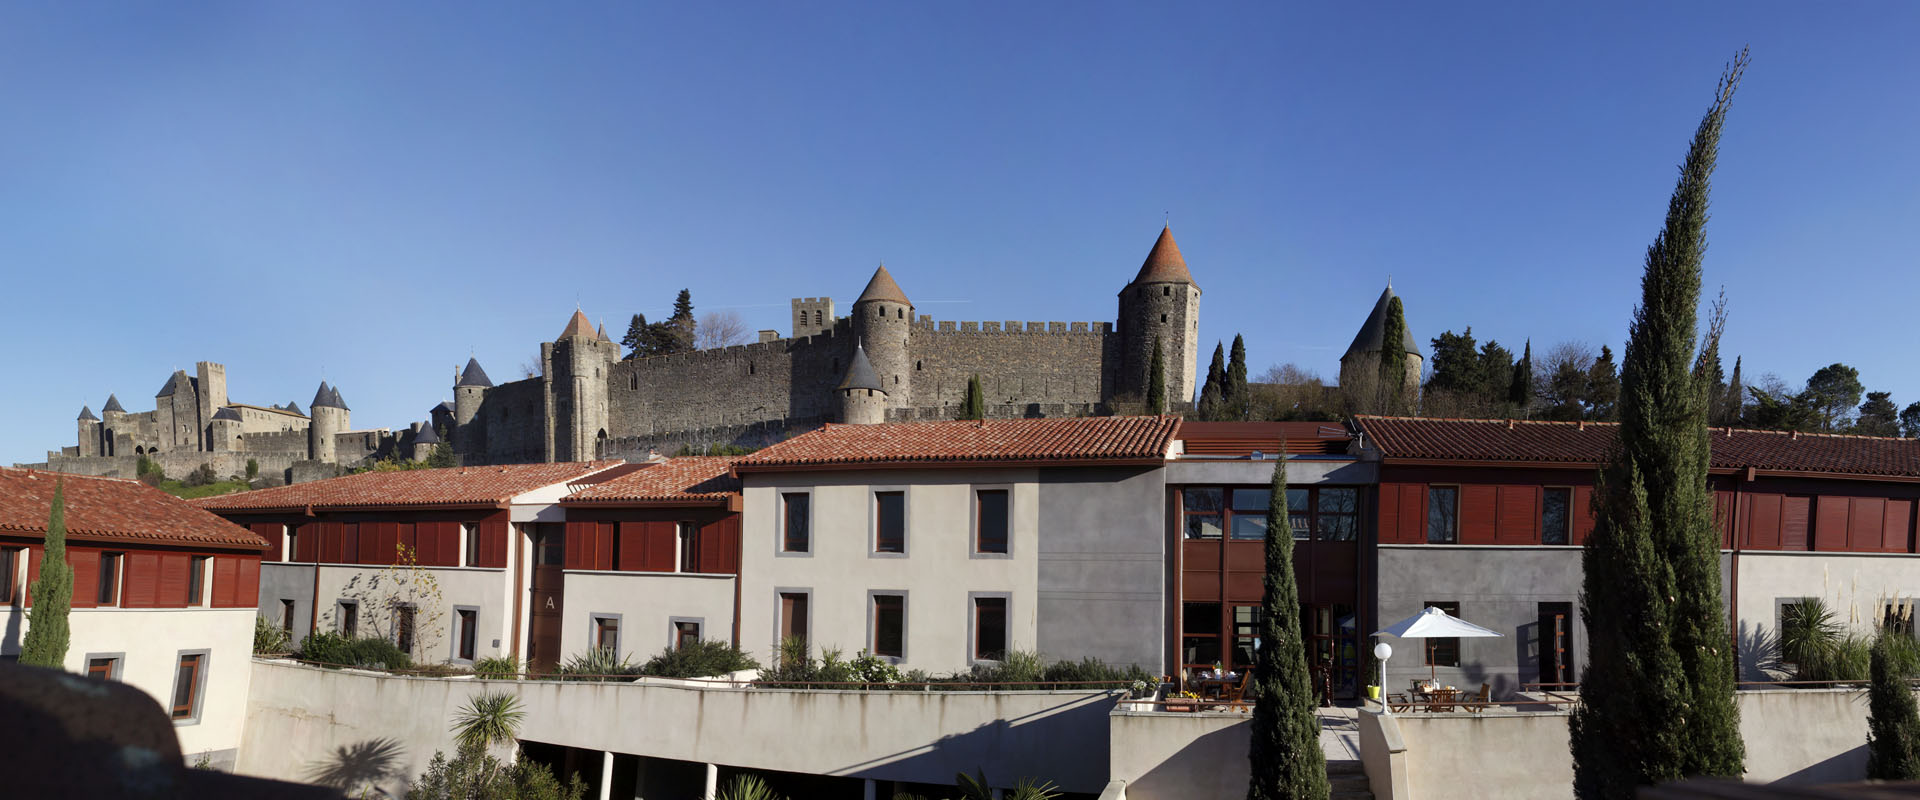 adonis carcassonne site officiel la garantie du meilleur prix